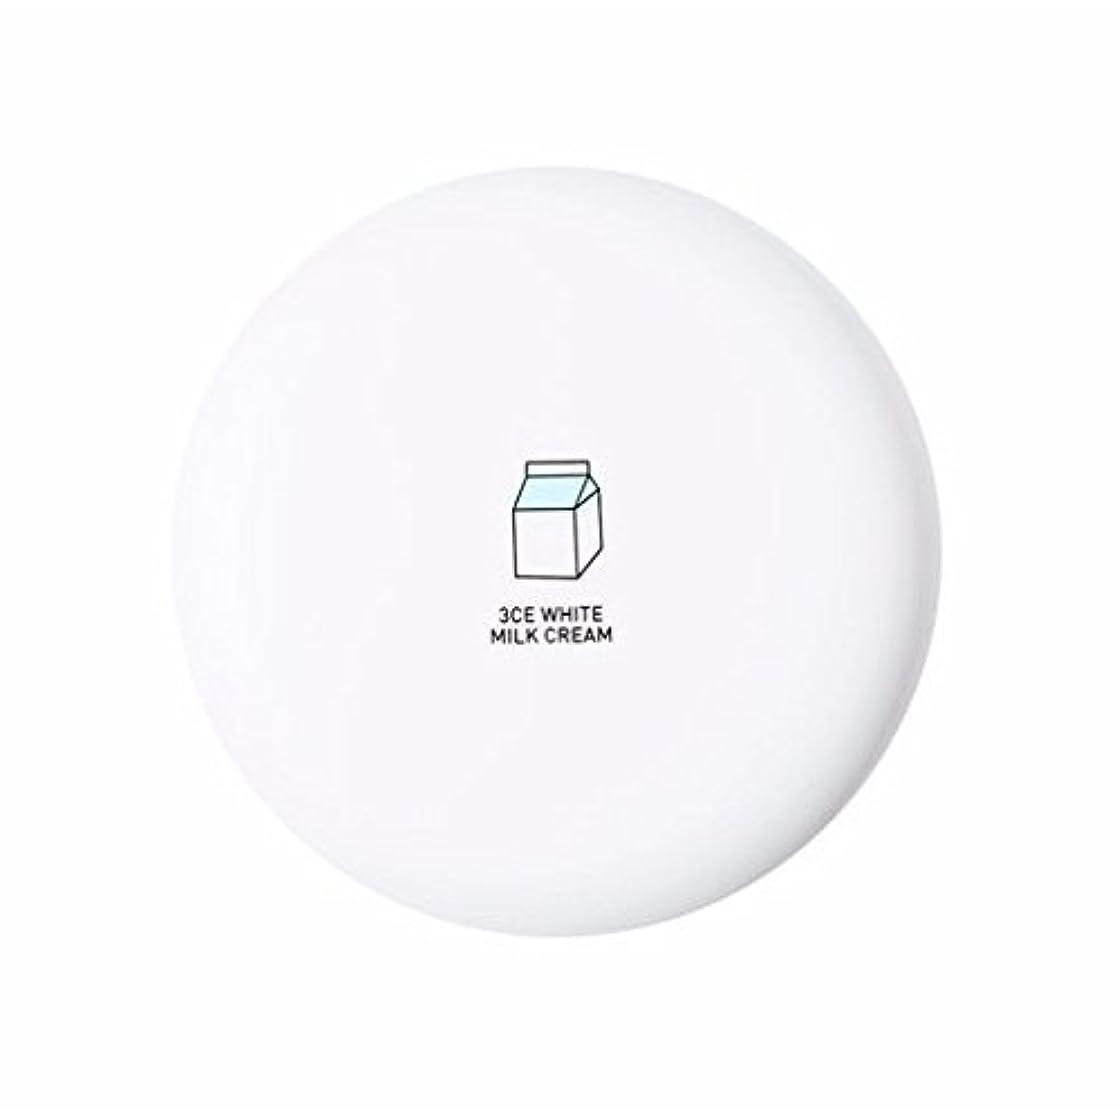 将来の贅沢スプレースタイルナンダ  3CEホワイトミルククリーム 50ml [並行輸入品] / Style Nanda 3CE White Milk Cream 50ml (1.69fl.oz.)